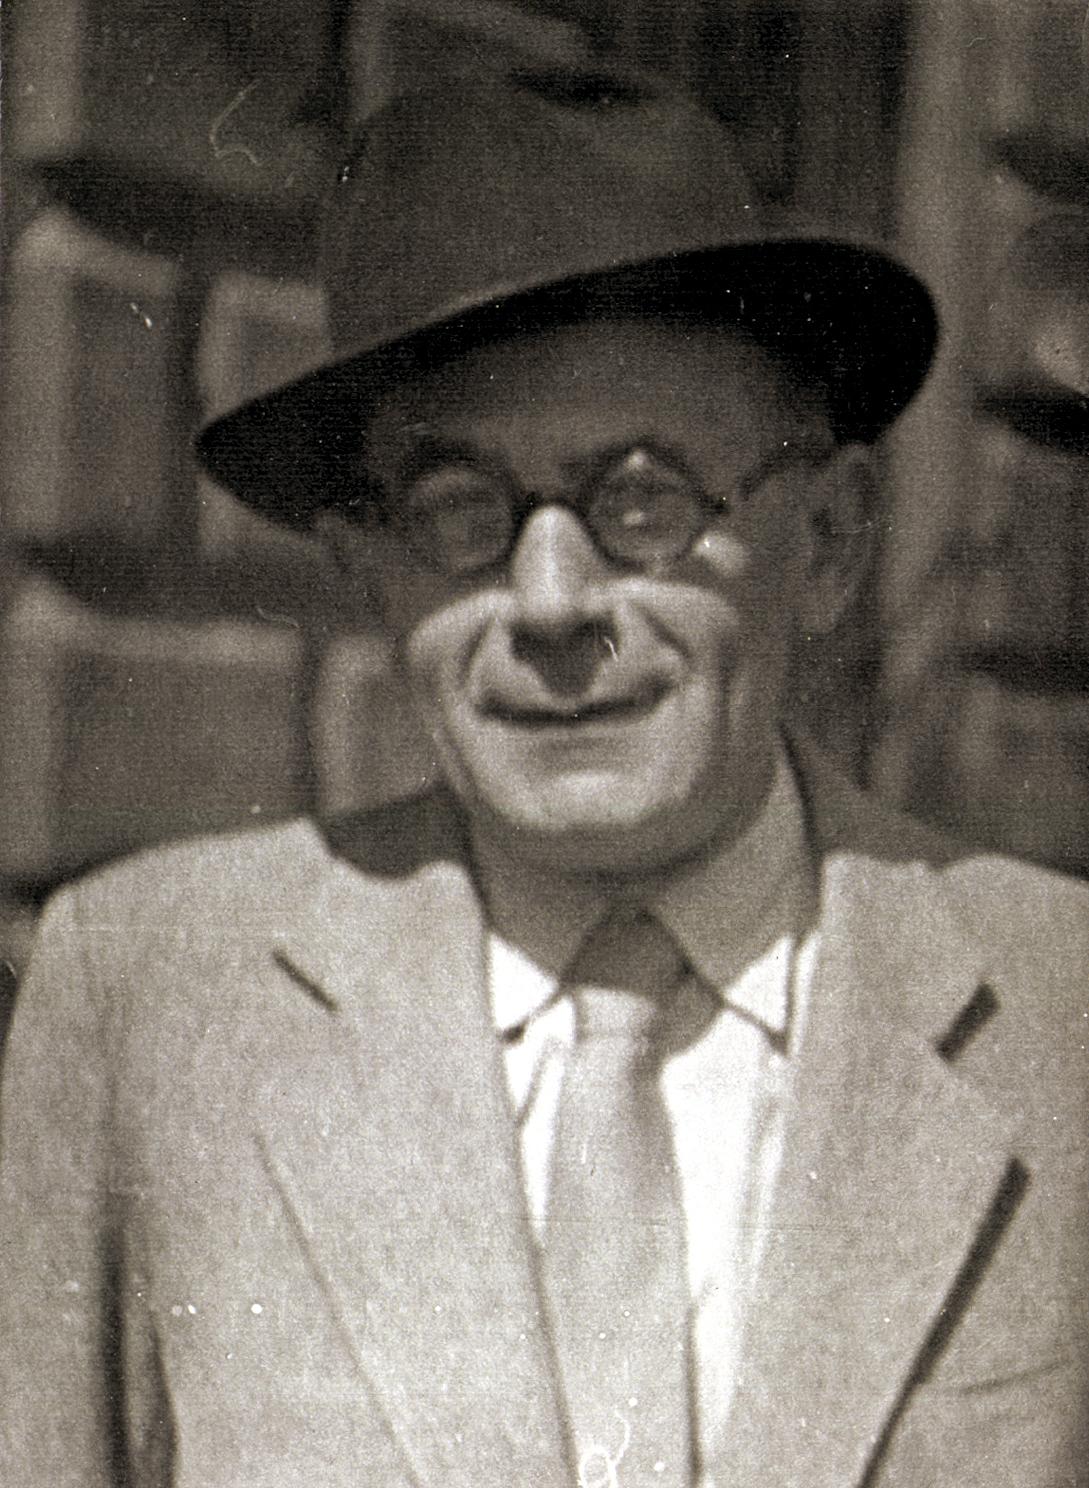 Peter Reisz's second cousin , Laszlo Vero